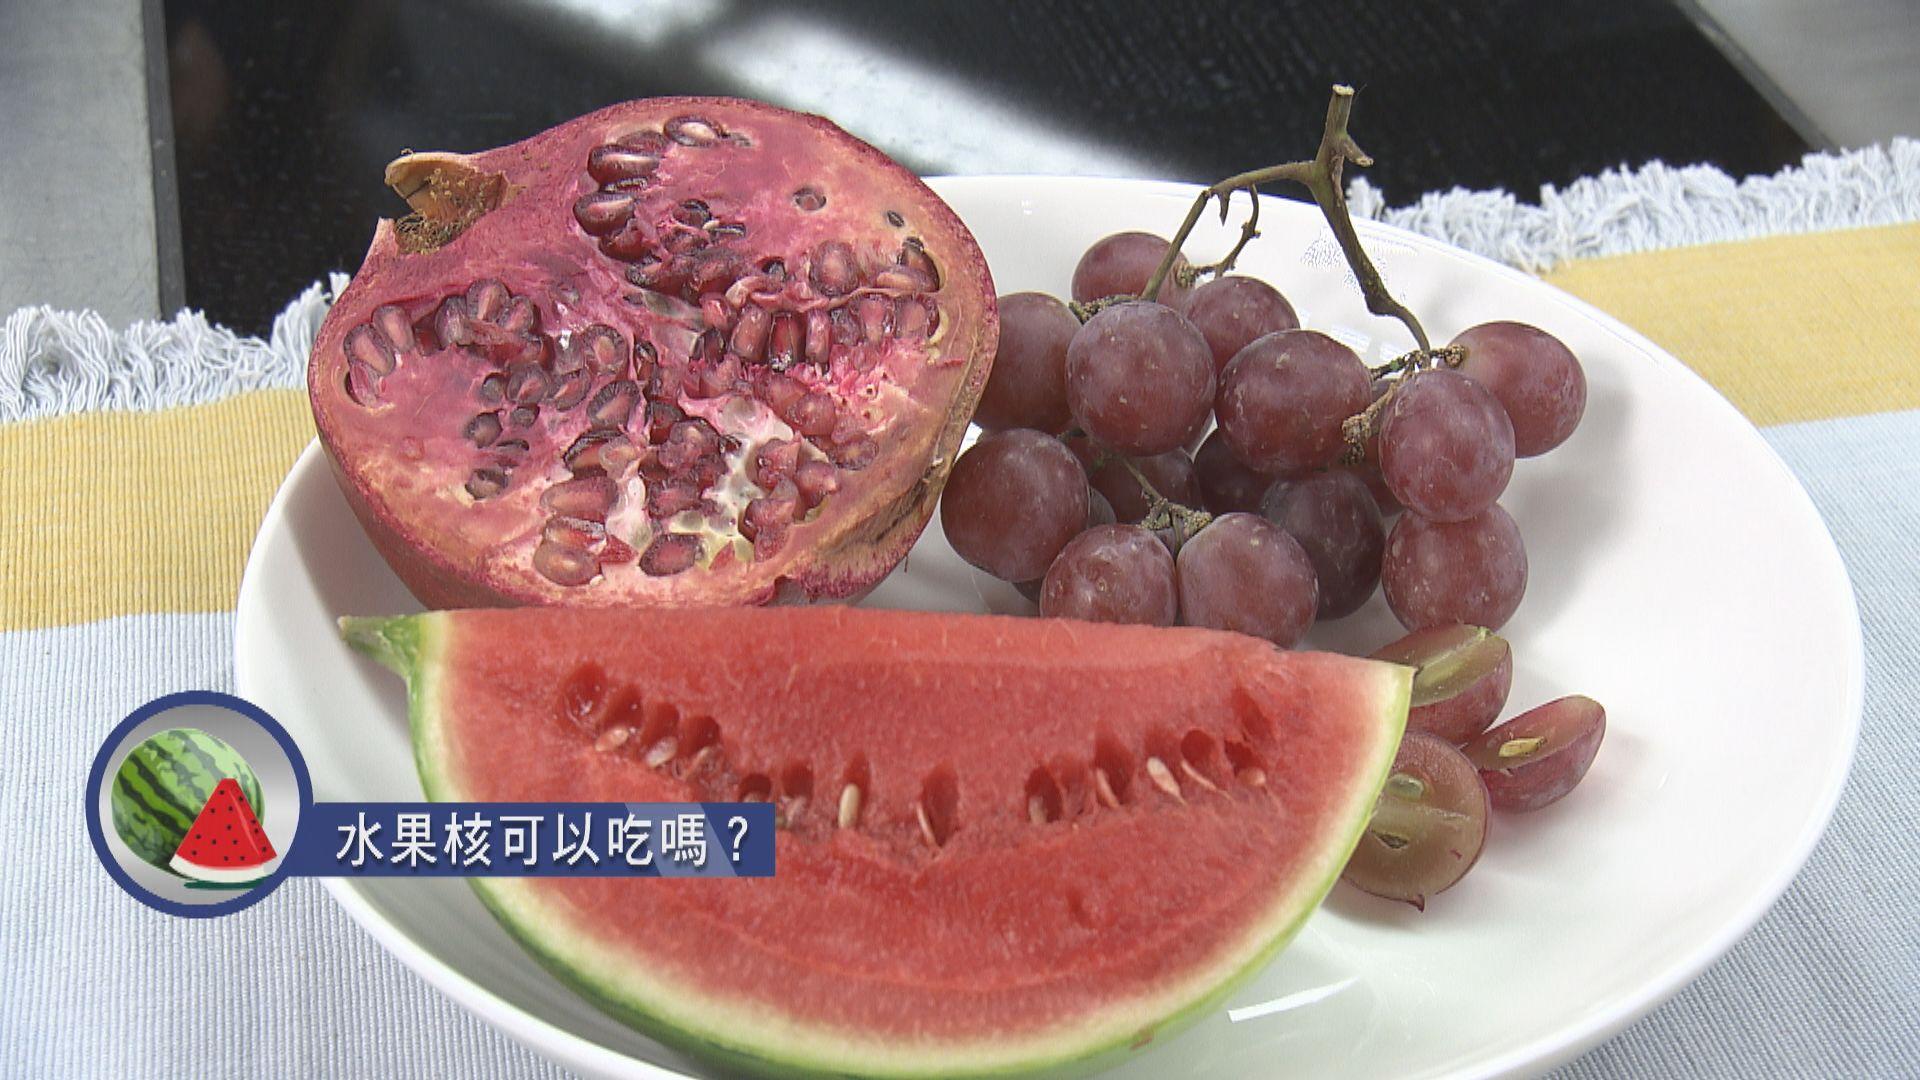 【杏林在線—健康1分鐘+】水果核可以吃嗎